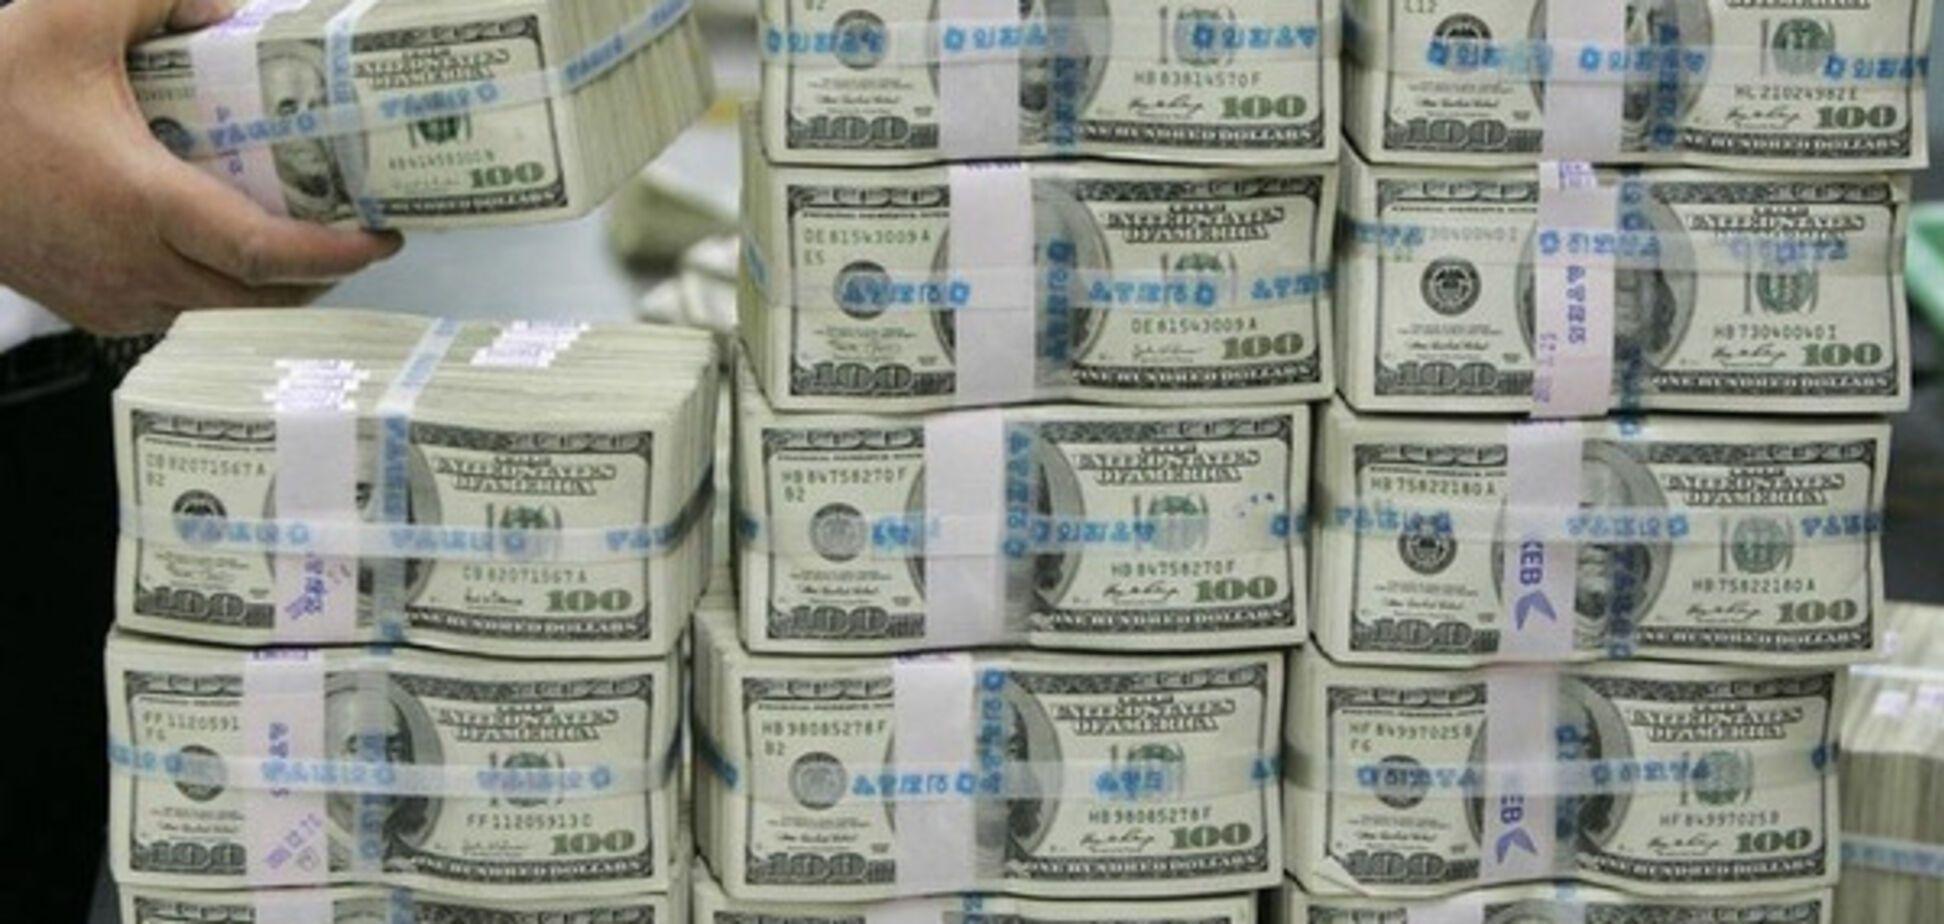 Инвестировать или потратить: Куда направить 1,5 млрд долларов, полученных по 'делу Януковича'?